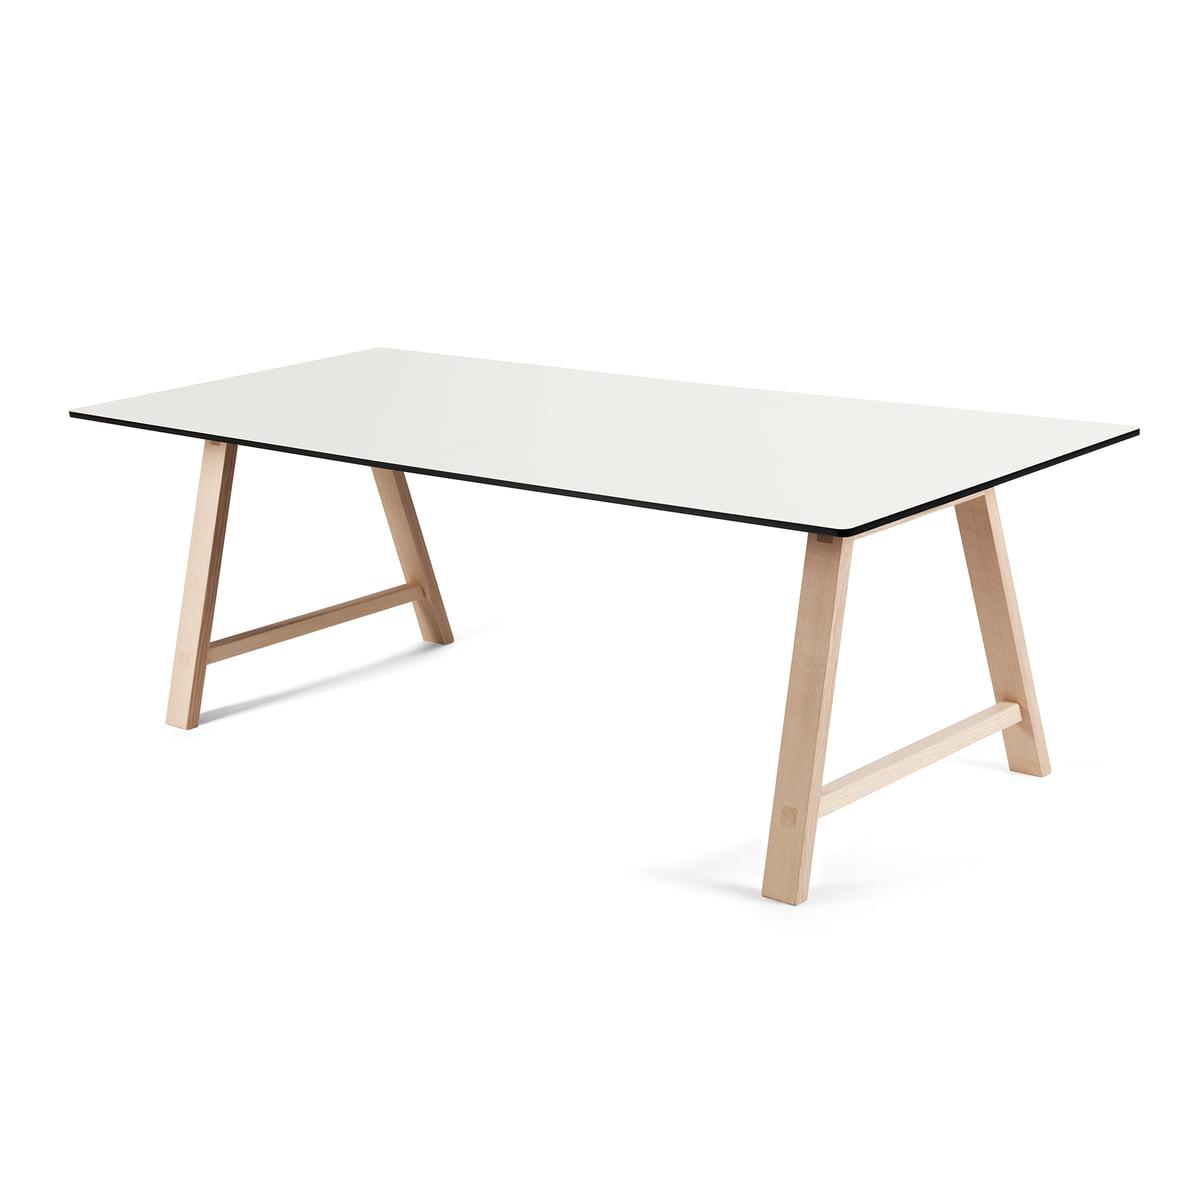 Andersen Furniture - T1 Ausziehtisch 180cm, Eiche geseift / Laminat weiß   Baumarkt > Bodenbeläge > Laminat   Weiß   Andersen Furniture